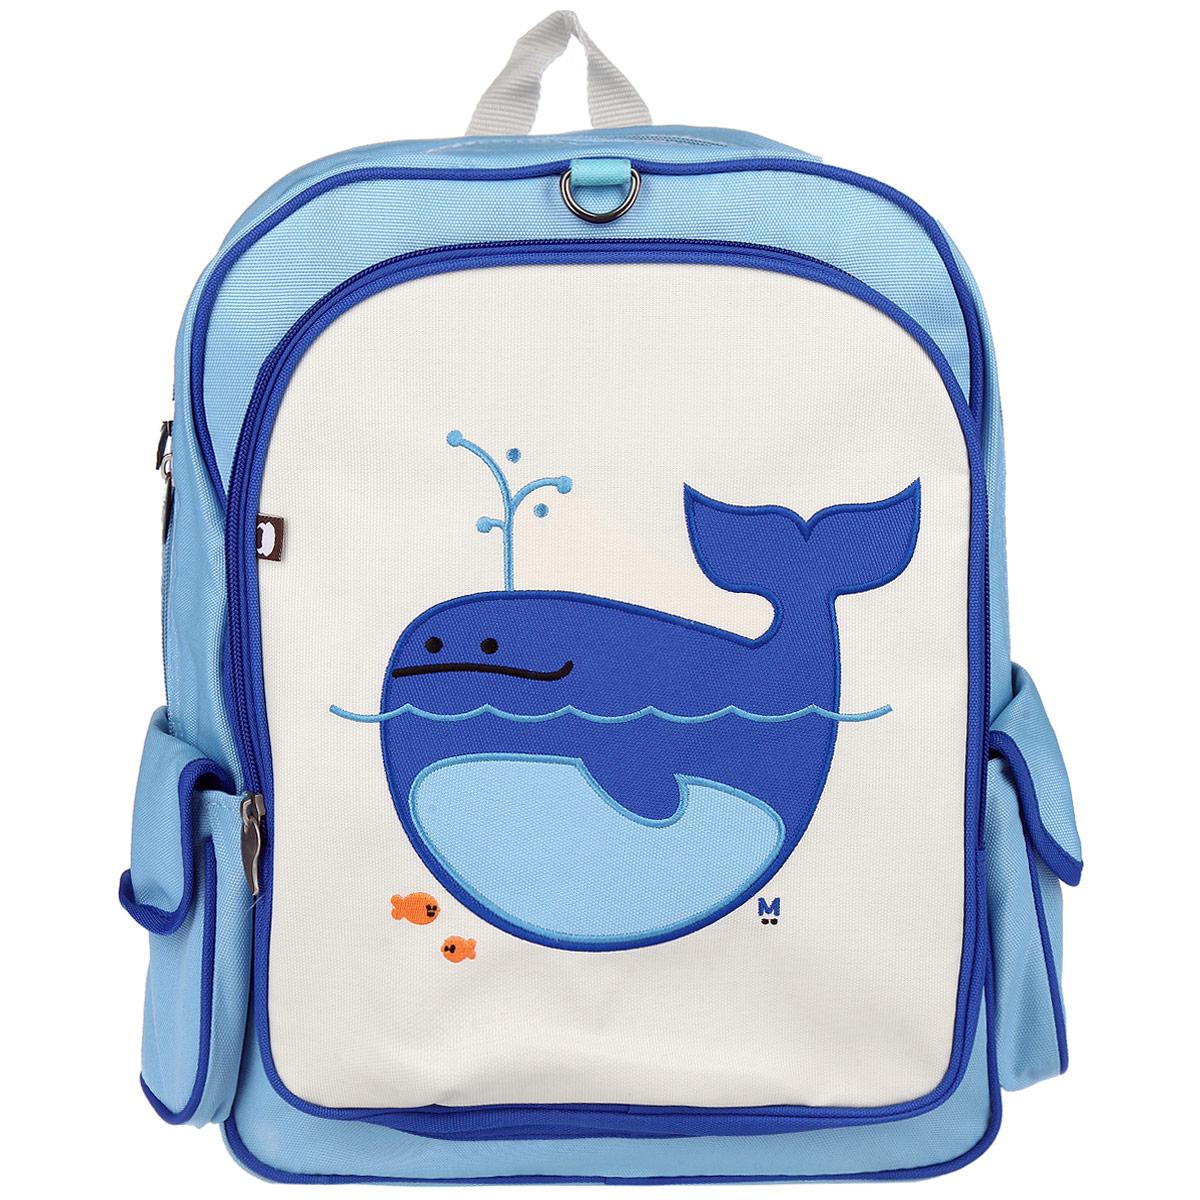 Рюкзак Beatrix Lucas-Whale обязательно привлечет внимание вашего ребенка.Выполнен из прочного и высококачественного материала голубого, синего и молочного цветов и оформлен аппликацией с изображением кита. Рюкзак состоит из вместительного отделения, закрывающегося на застежку-молнию с двумя бегунками. Бегунки застежки дополнены металлическими держателями. Внутри отделения находится нашивной карман на застежке-молнии. На задней стенке рюкзака имеется нашивка, на которой можно указать данные владельца. Лицевая сторона оснащена накладным карманом на молнии. Рюкзак имеет два накладных боковых кармана на липучке. Мягкие широкие лямки позволяют легко и быстро отрегулировать рюкзак в соответствии с ростом. Рюкзак оснащен удобной текстильной ручкой для переноски в руке.Этот рюкзак можно использовать для повседневных прогулок, отдыха и спорта, а также как элемент вашего имиджа.